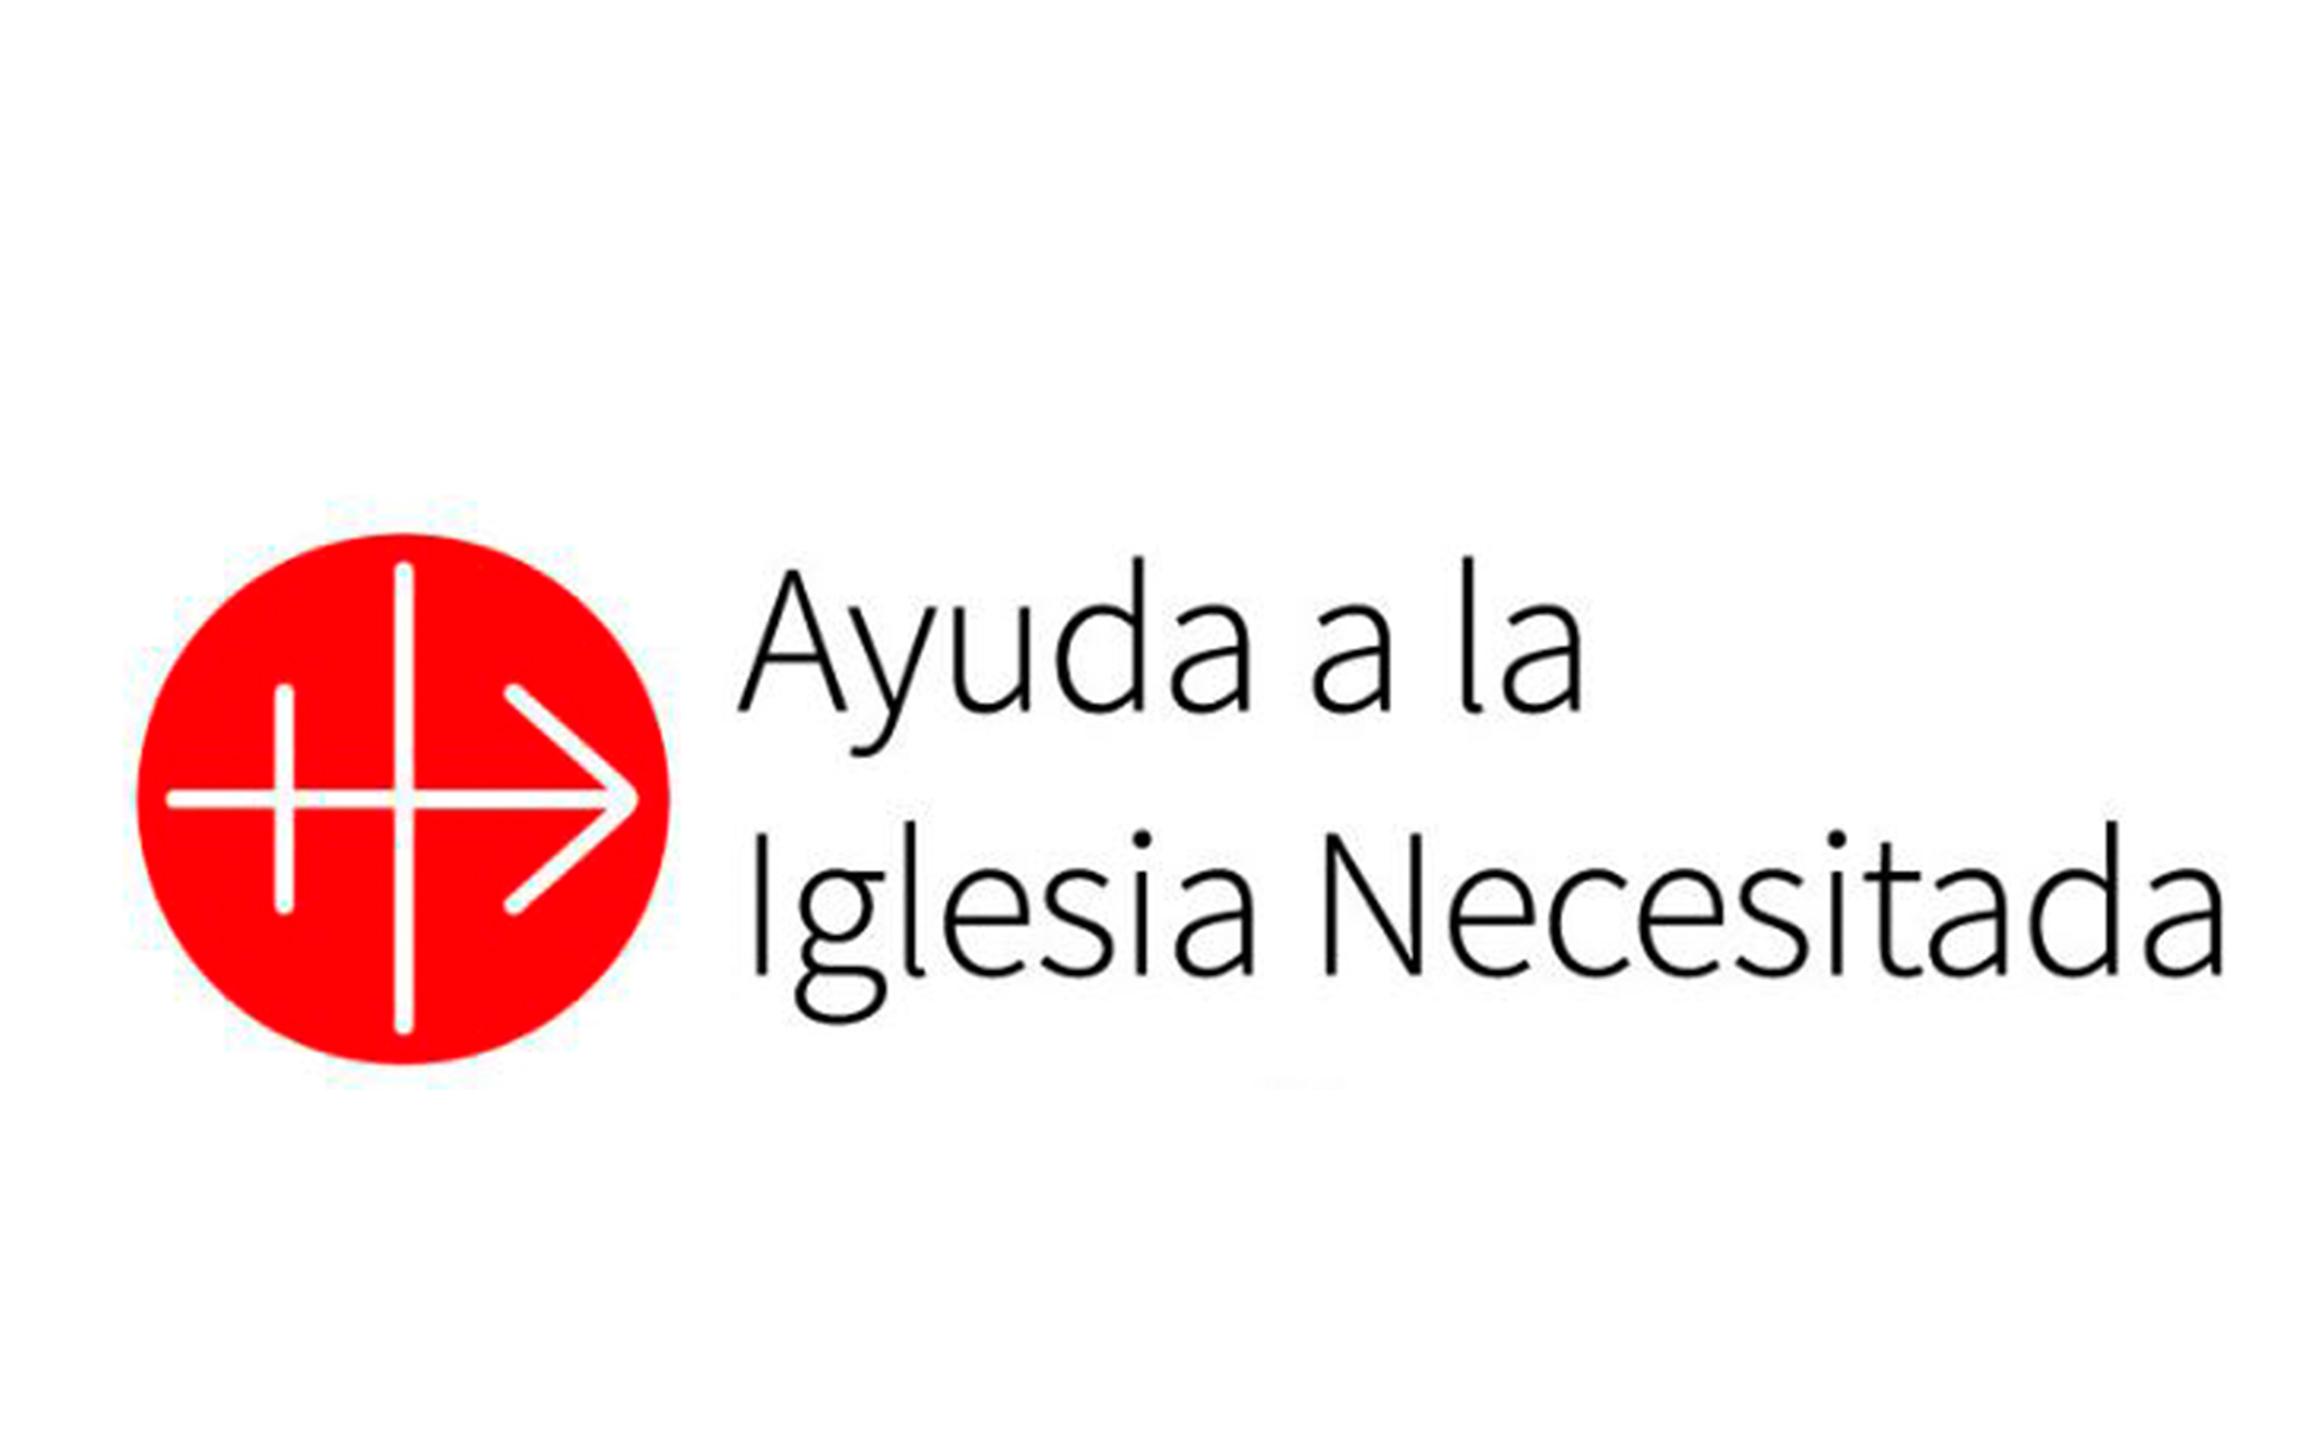 Logo ACN (Ayuda a la Iglesia Necesitada)